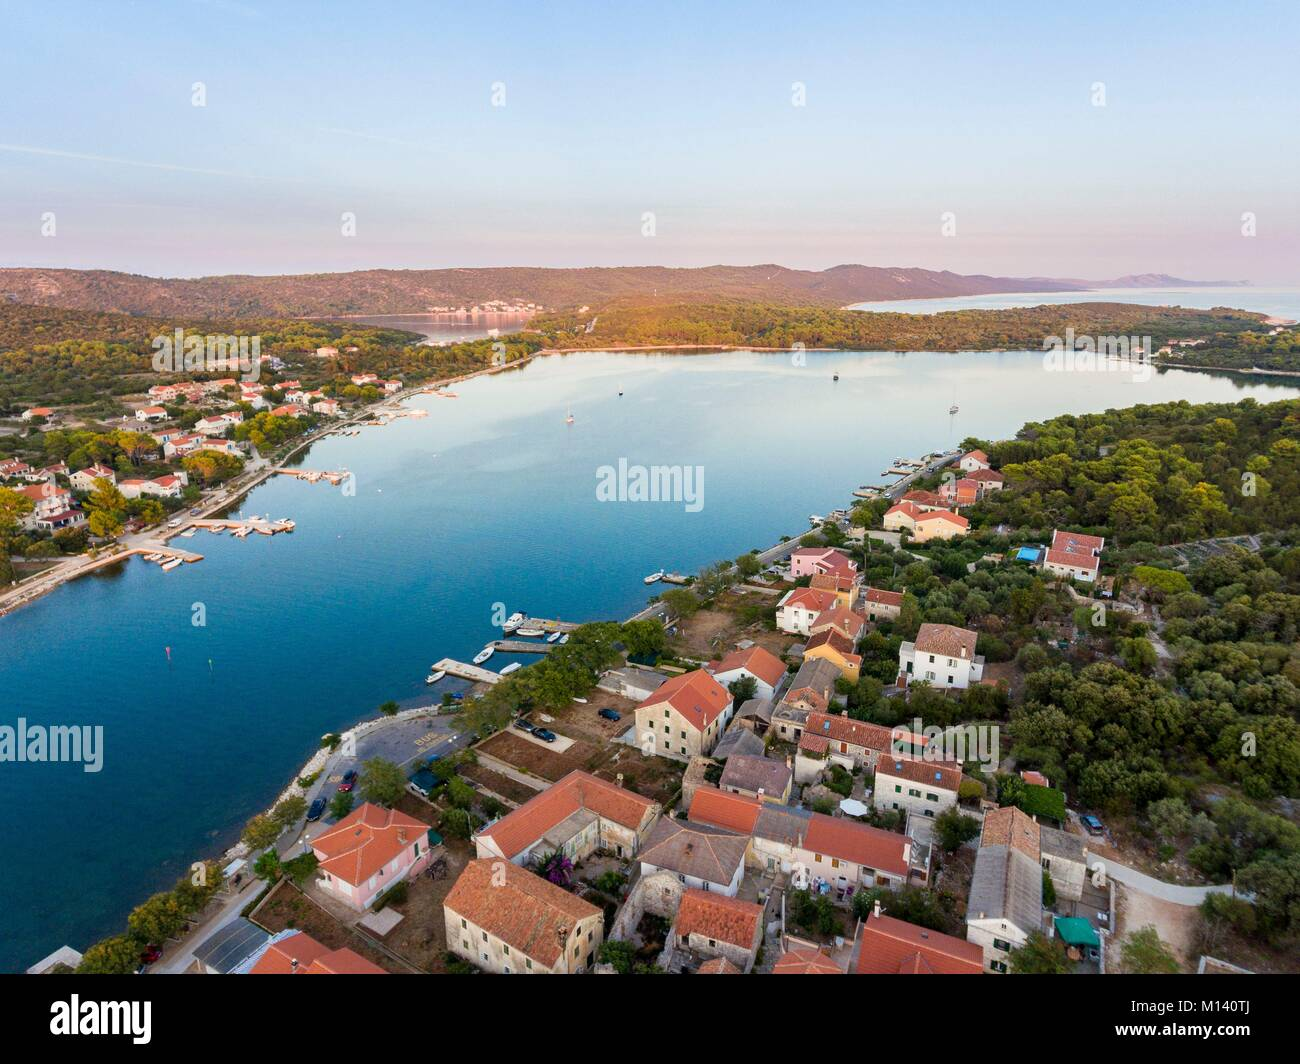 Croatia, North Dalmatia, Dalmatian coast, Zadar archipelago, Dugi Otok Island, Veli Rat village (air view) - Stock Image